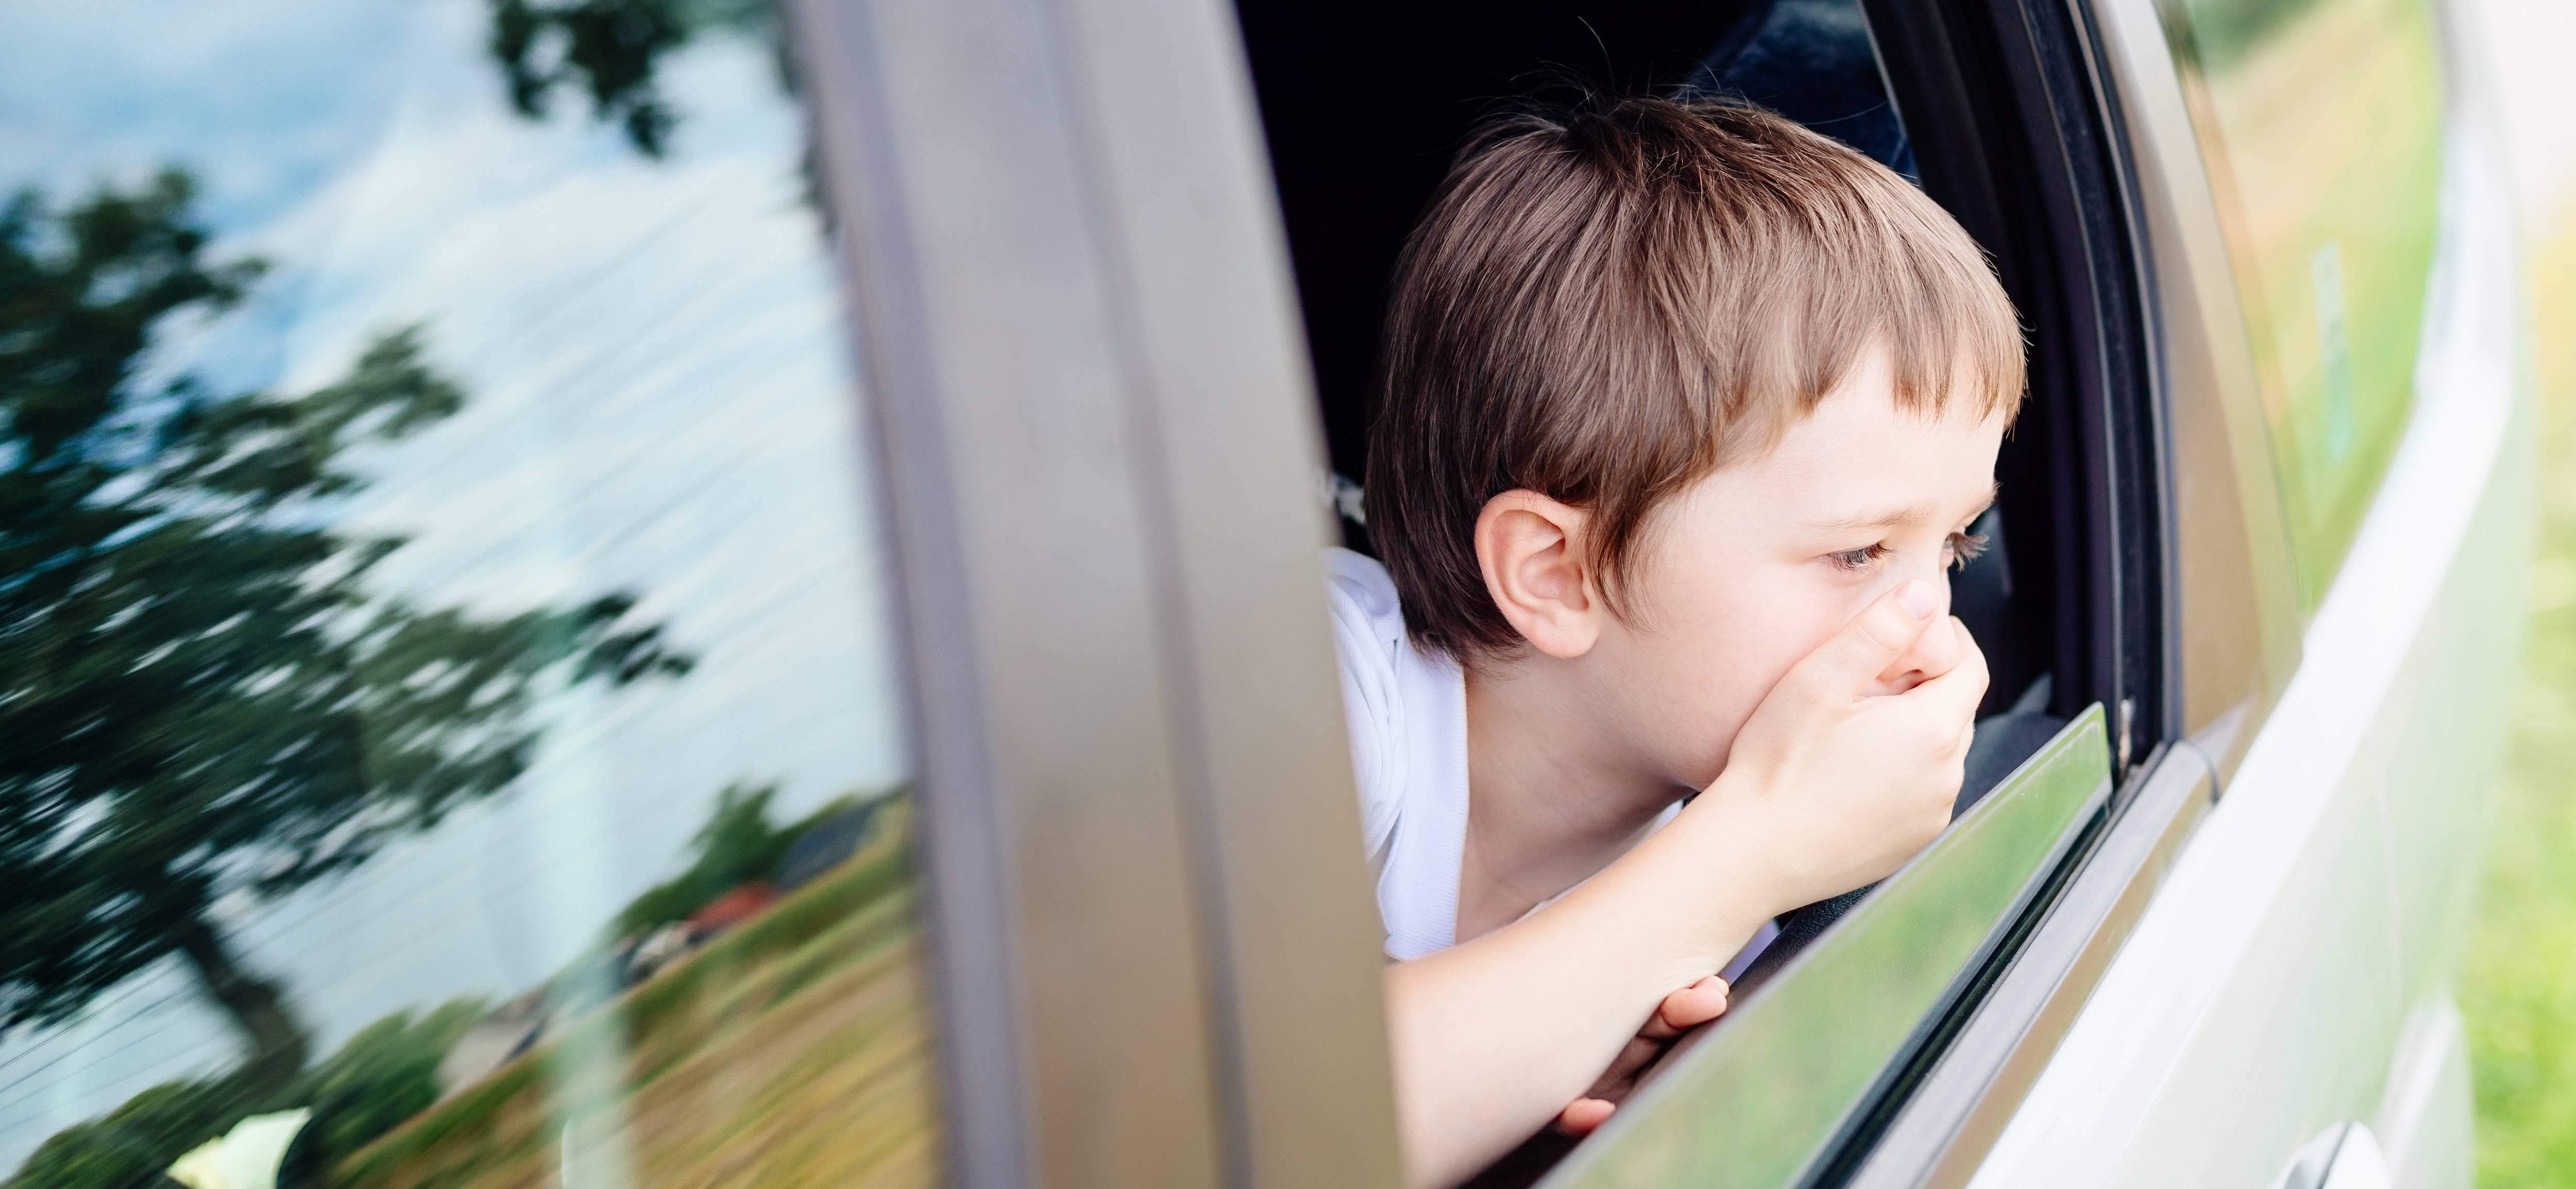 Ребенку 1,3 годика, укачивает в машине!